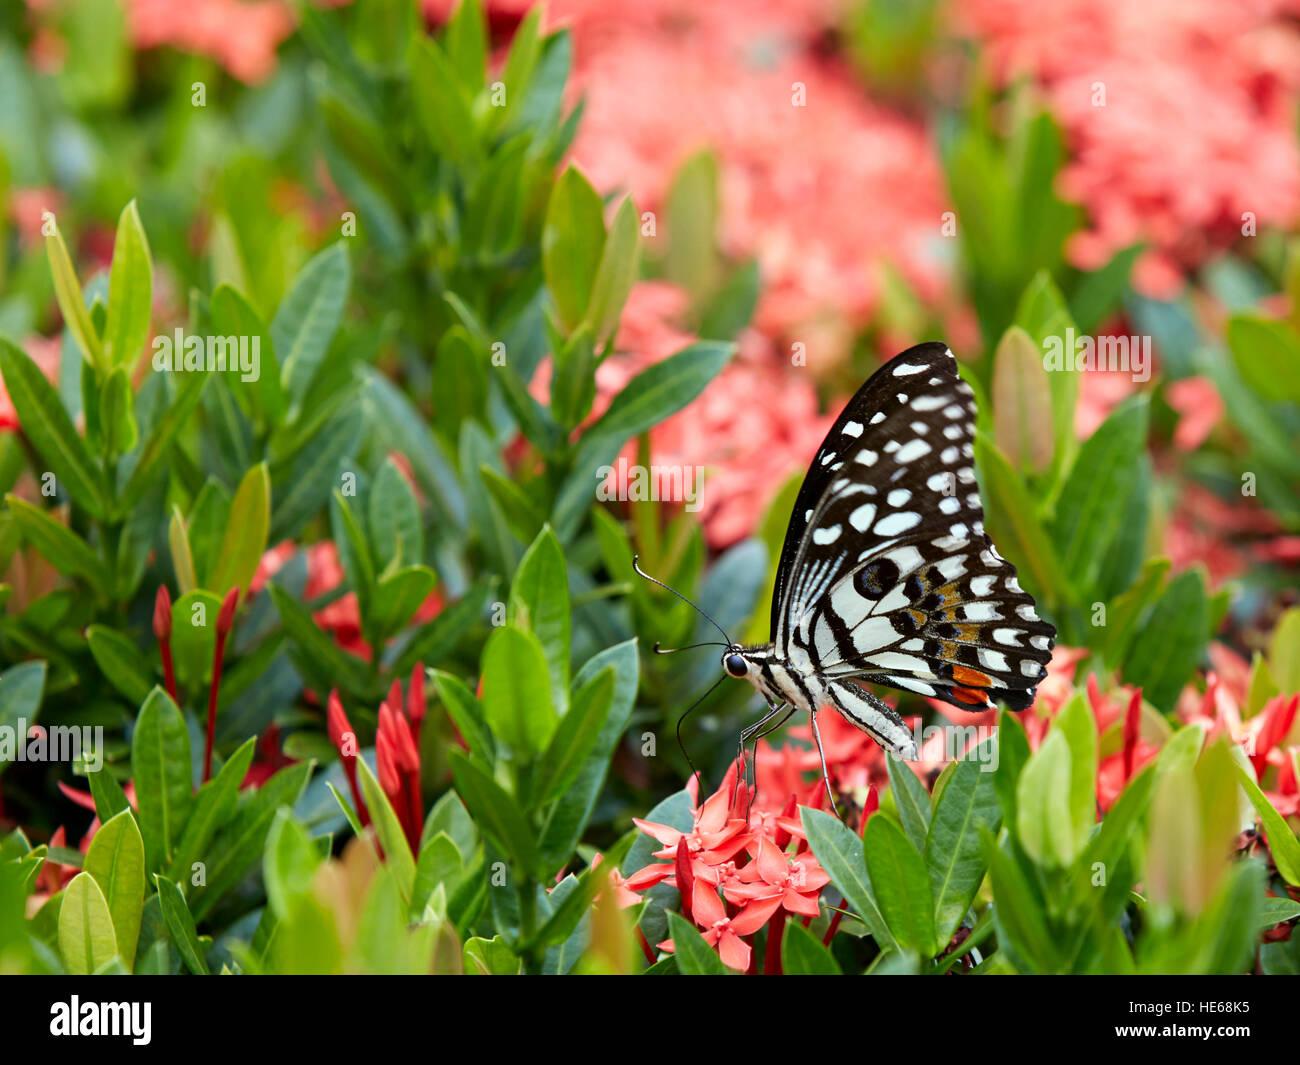 Papillon citron. Nom scientifique: Papilio demoleus. Tombeau de Minh Mang (Hieu tombe), Hue, Vietnam. Photo Stock